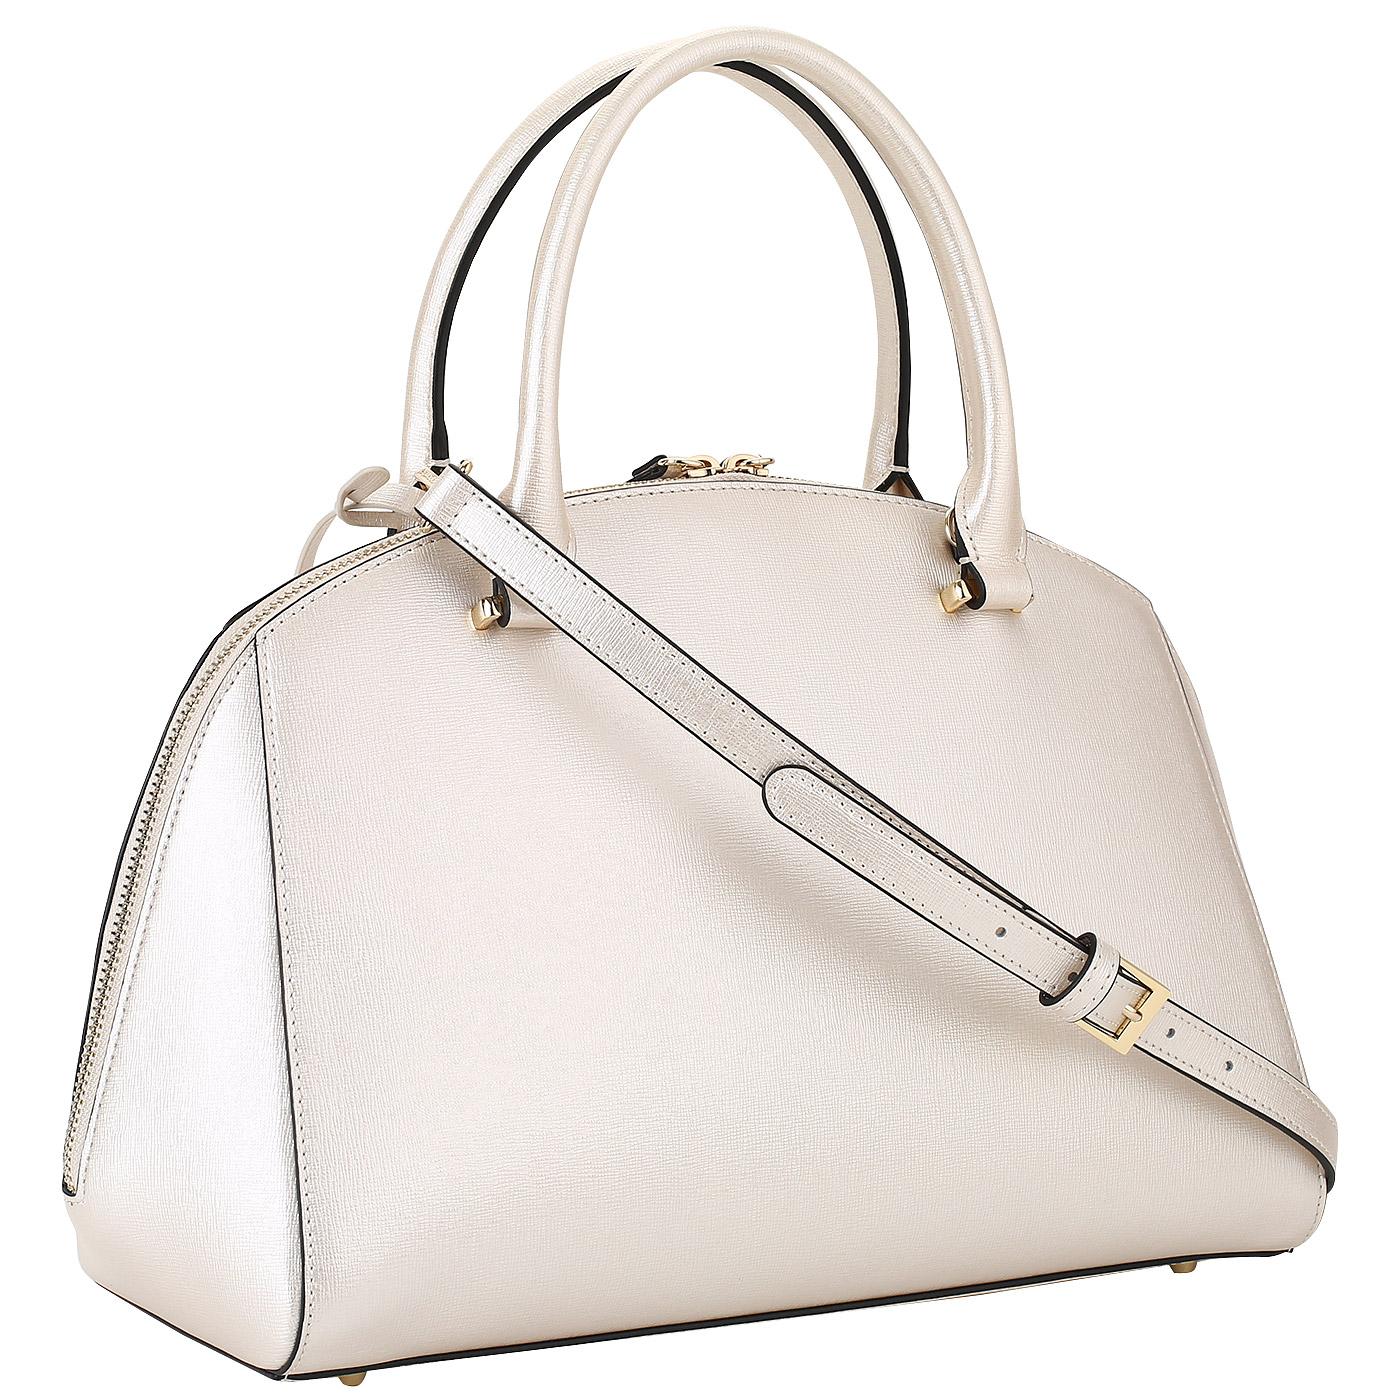 8e69a97e1a3e Женская сумка на двойной молнии Cromia Melania 1403695_platino ...